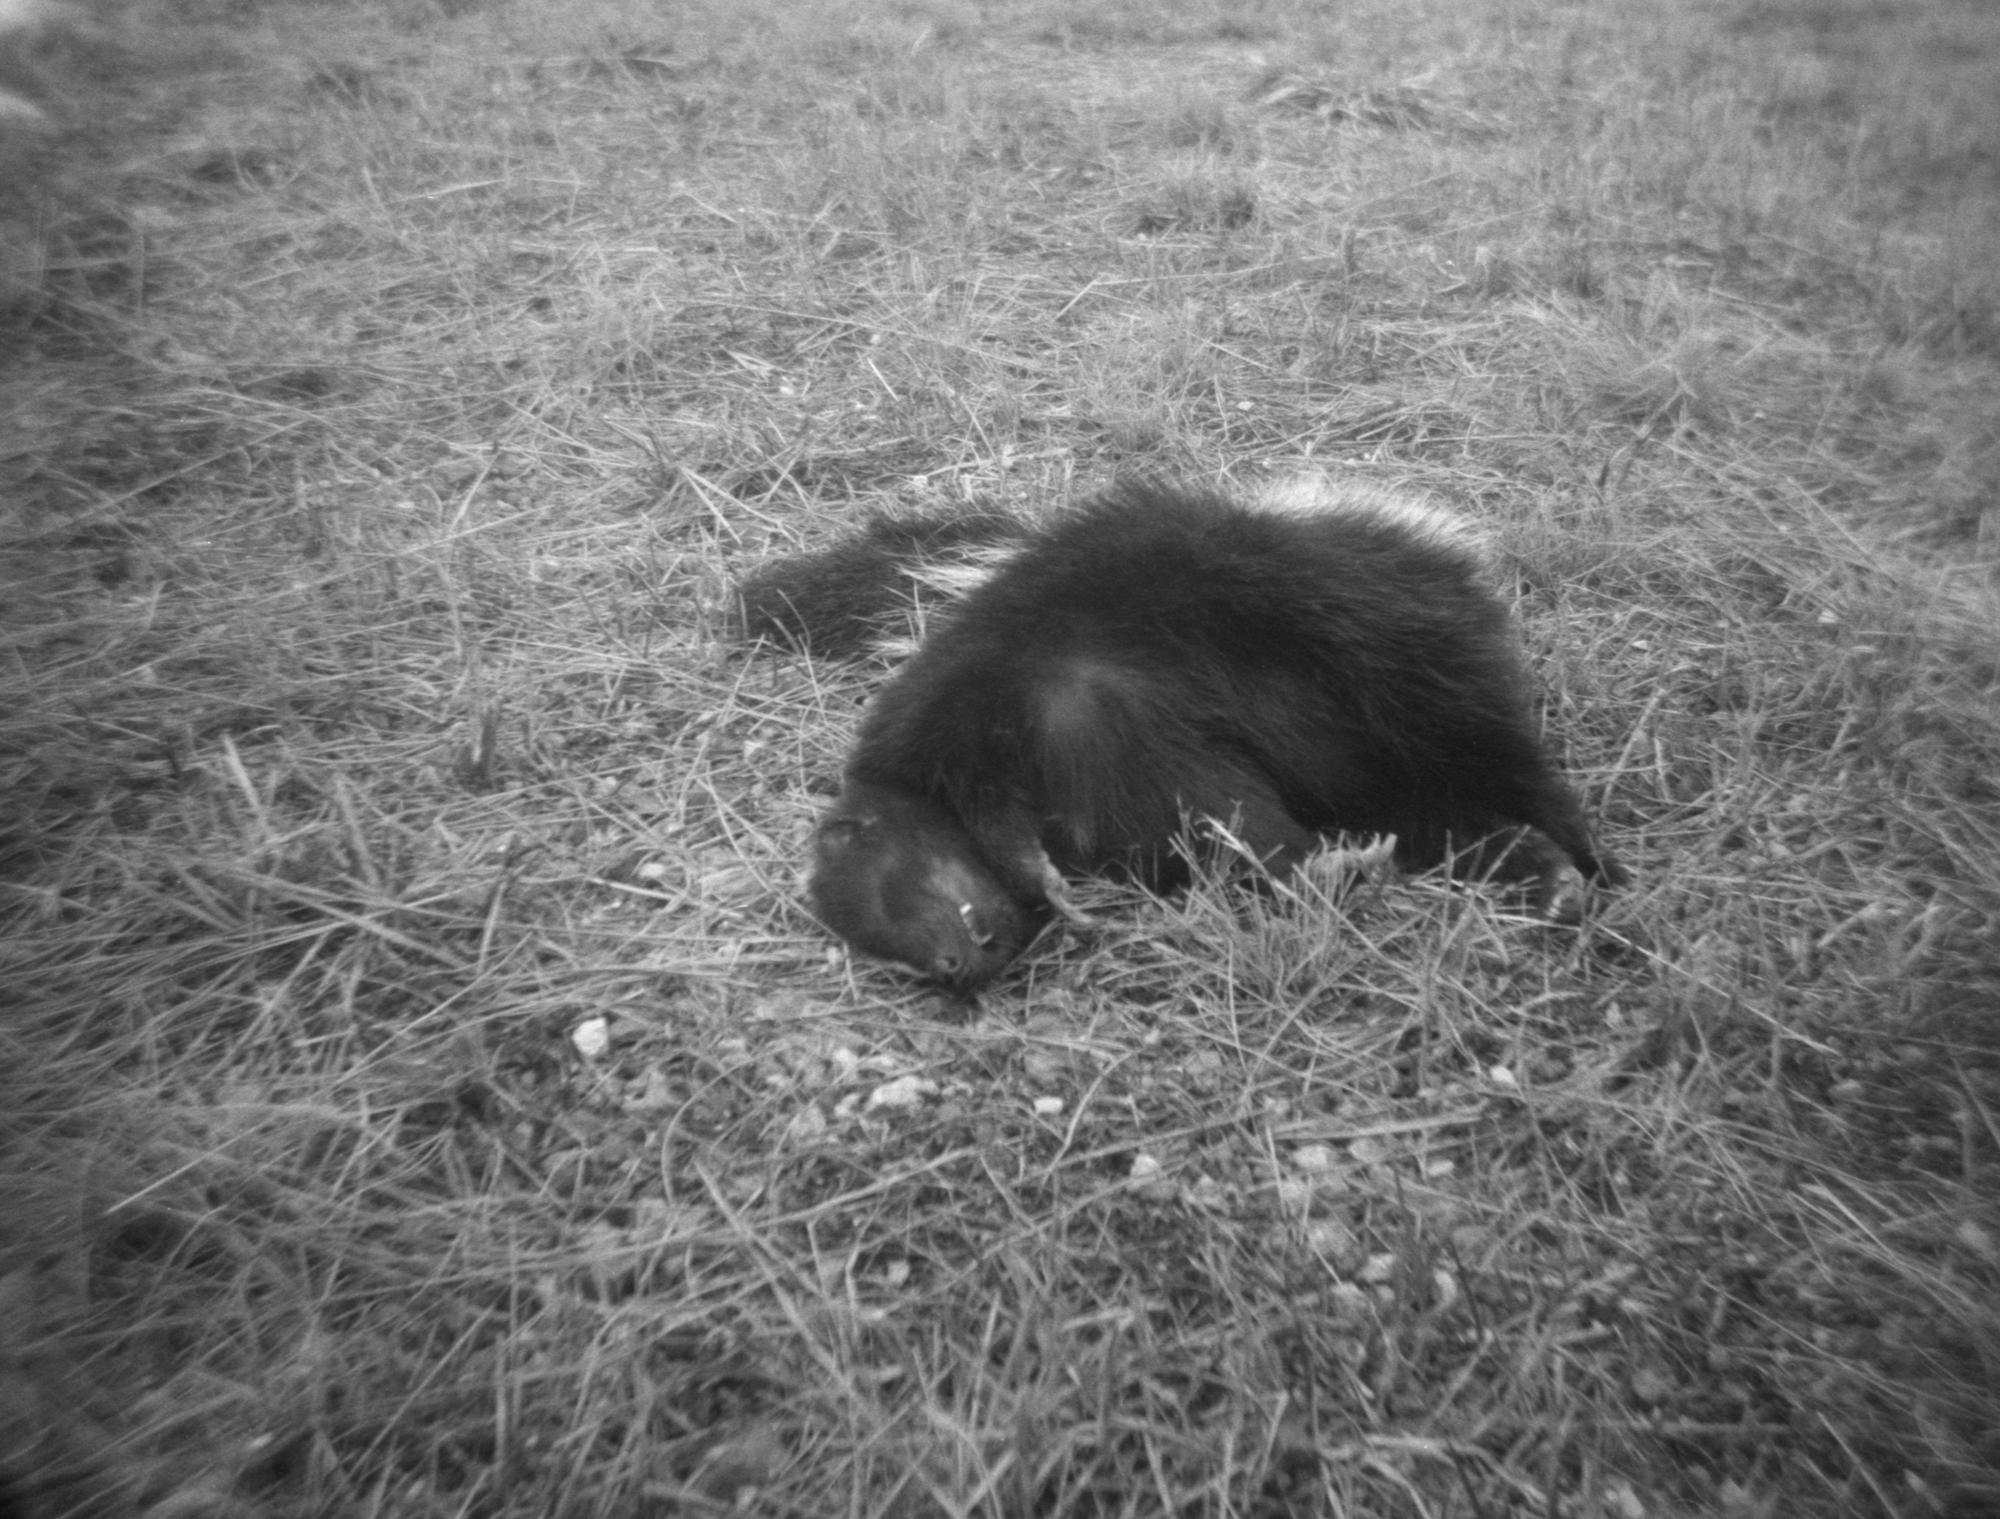 Skunk in the Field